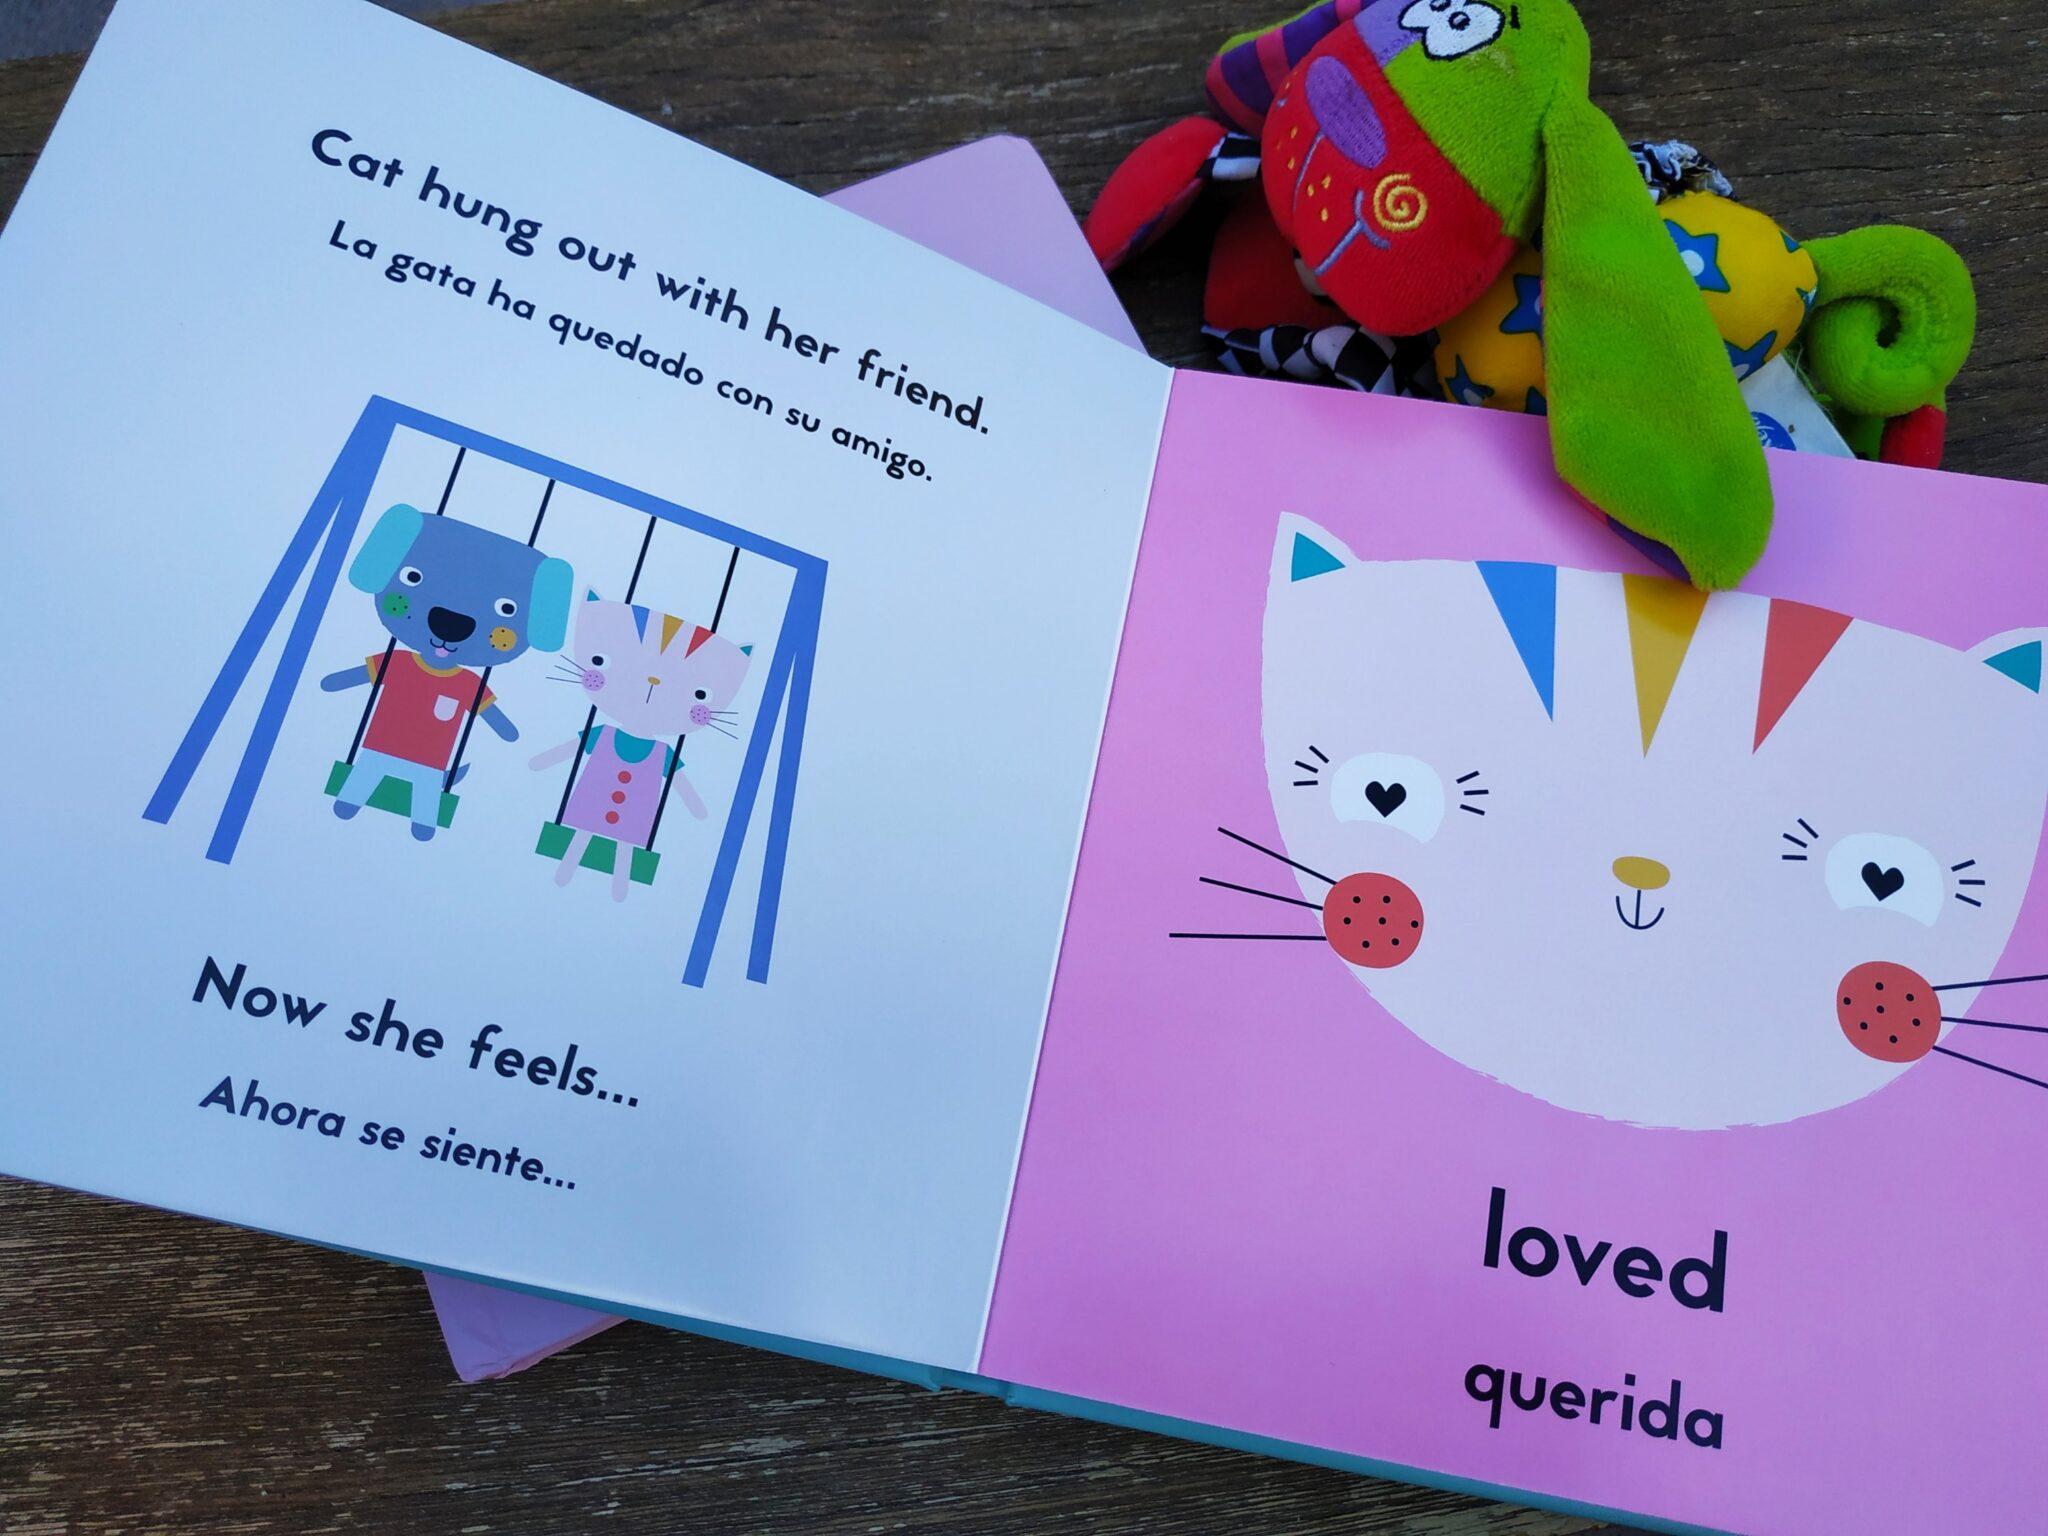 img 20191001 1233313792578303947081435 - Letras y emociones en inglés para niños